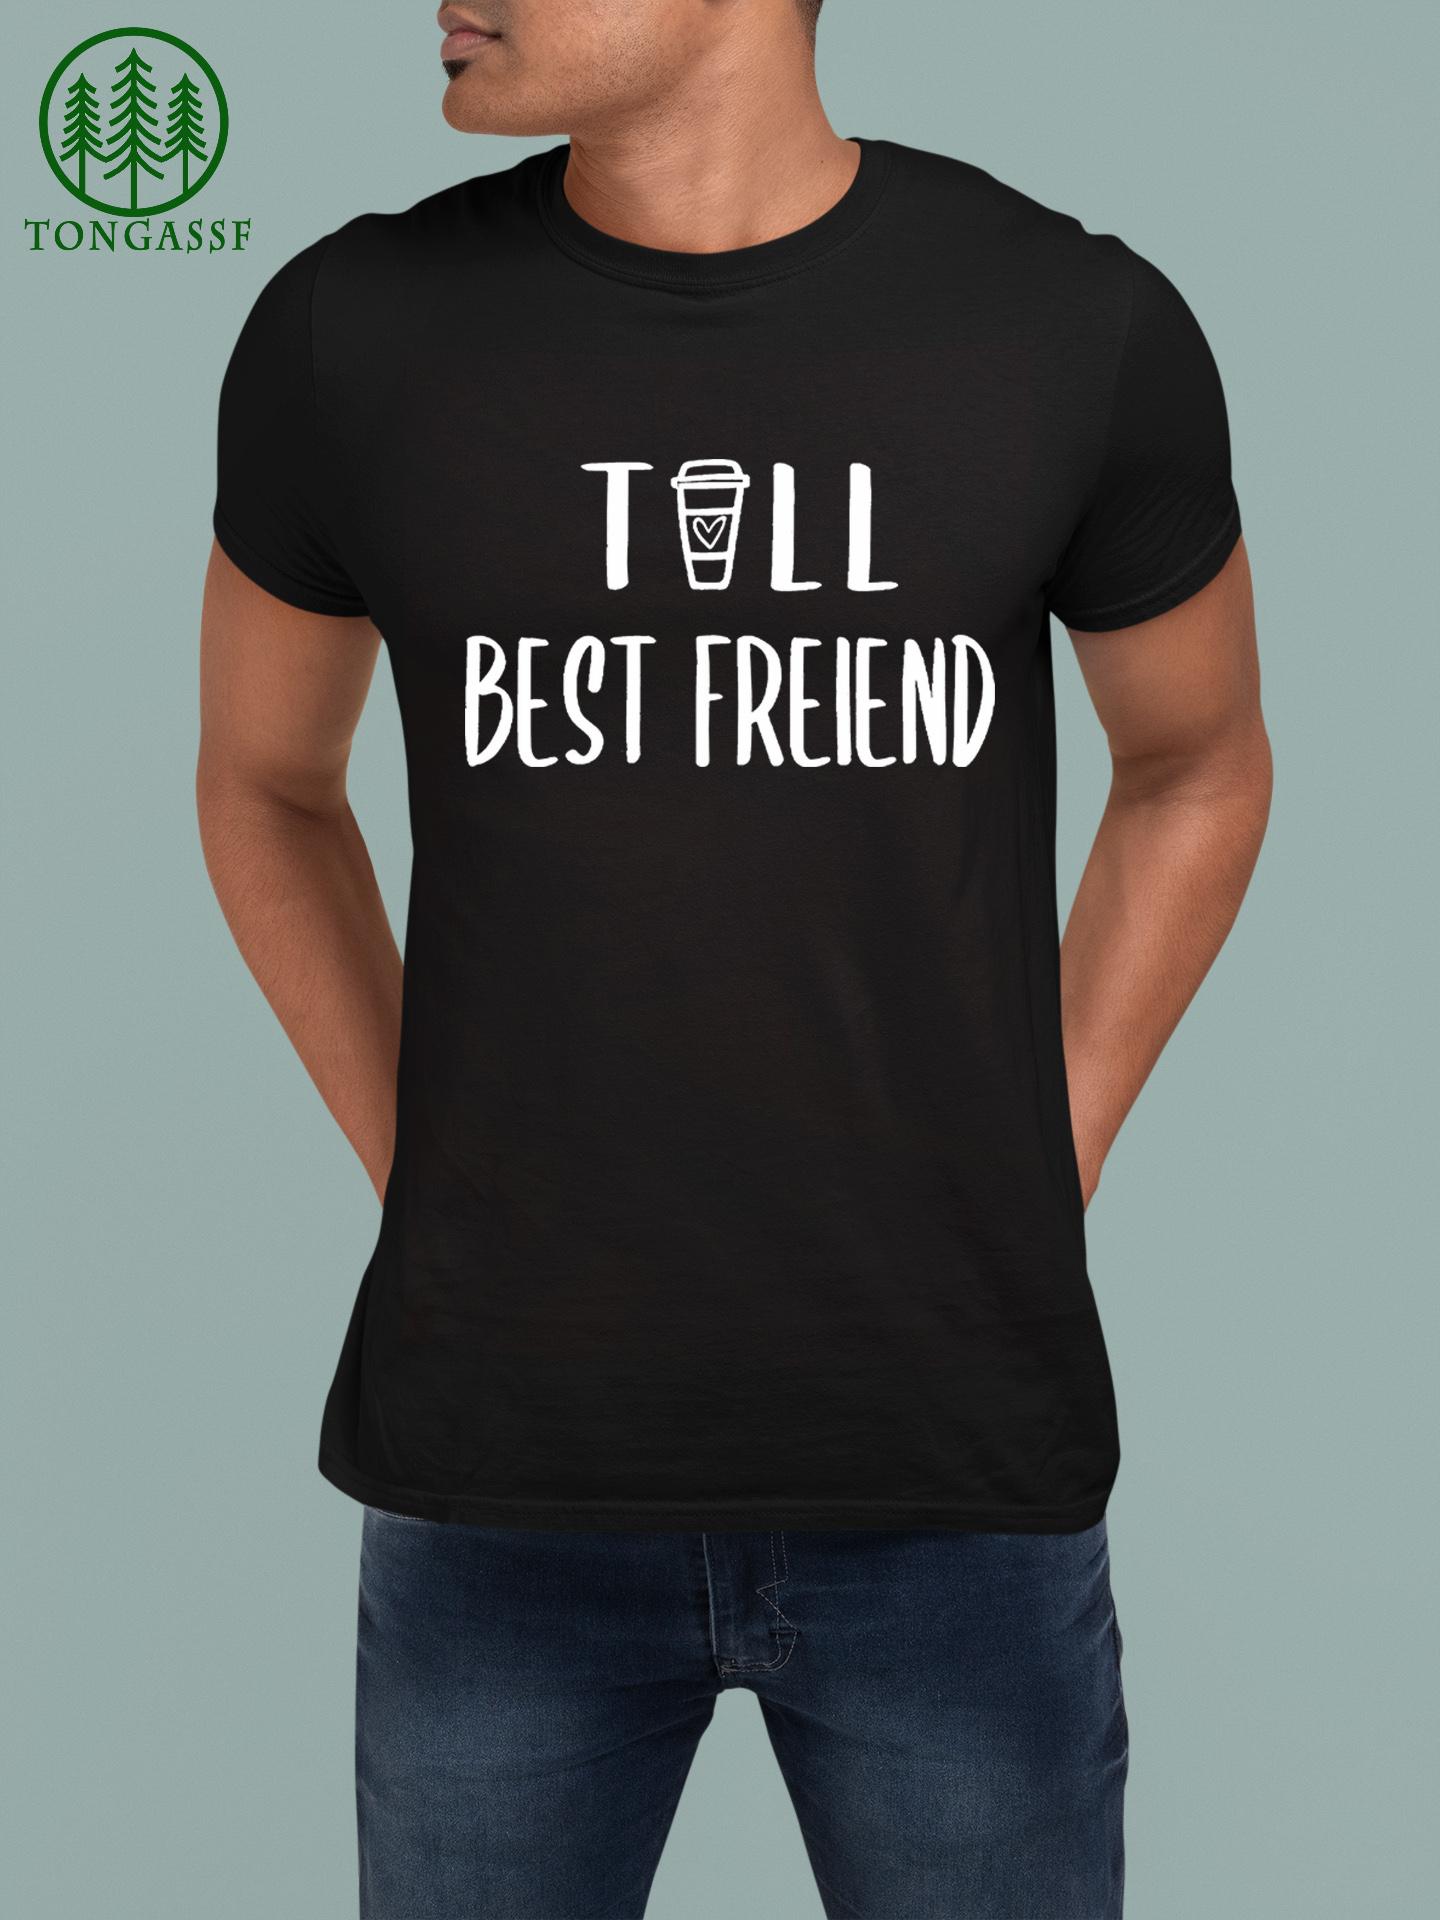 Tall short Besties Best friend t shirt